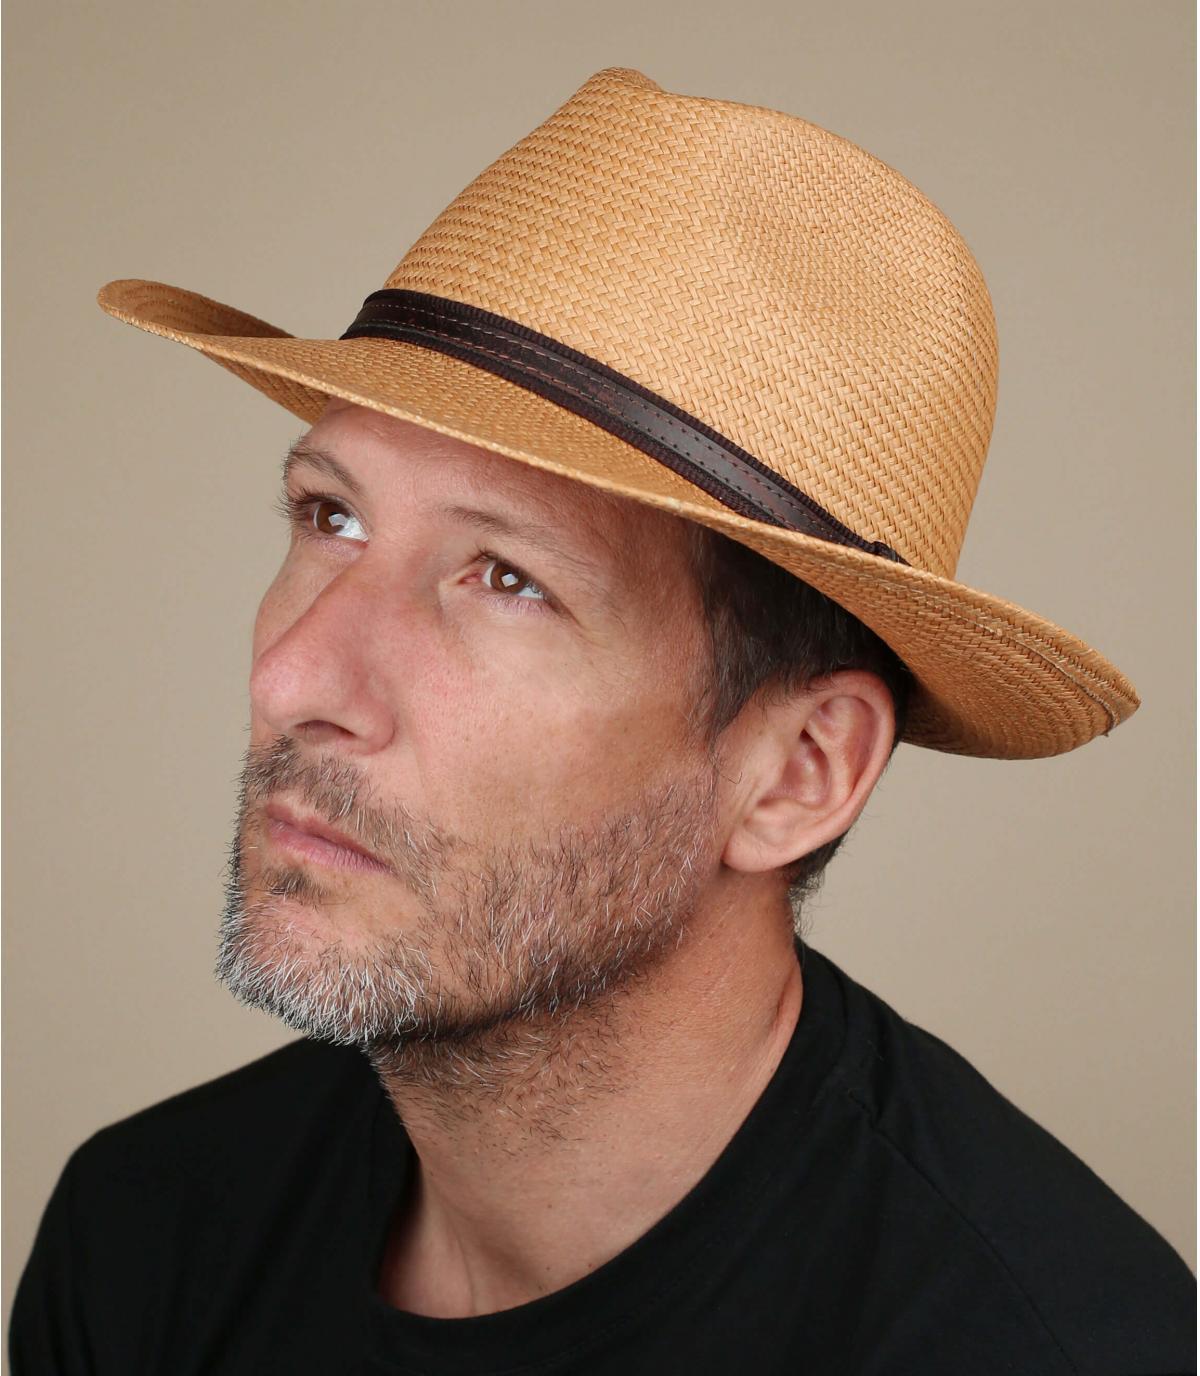 sombrero paja panama